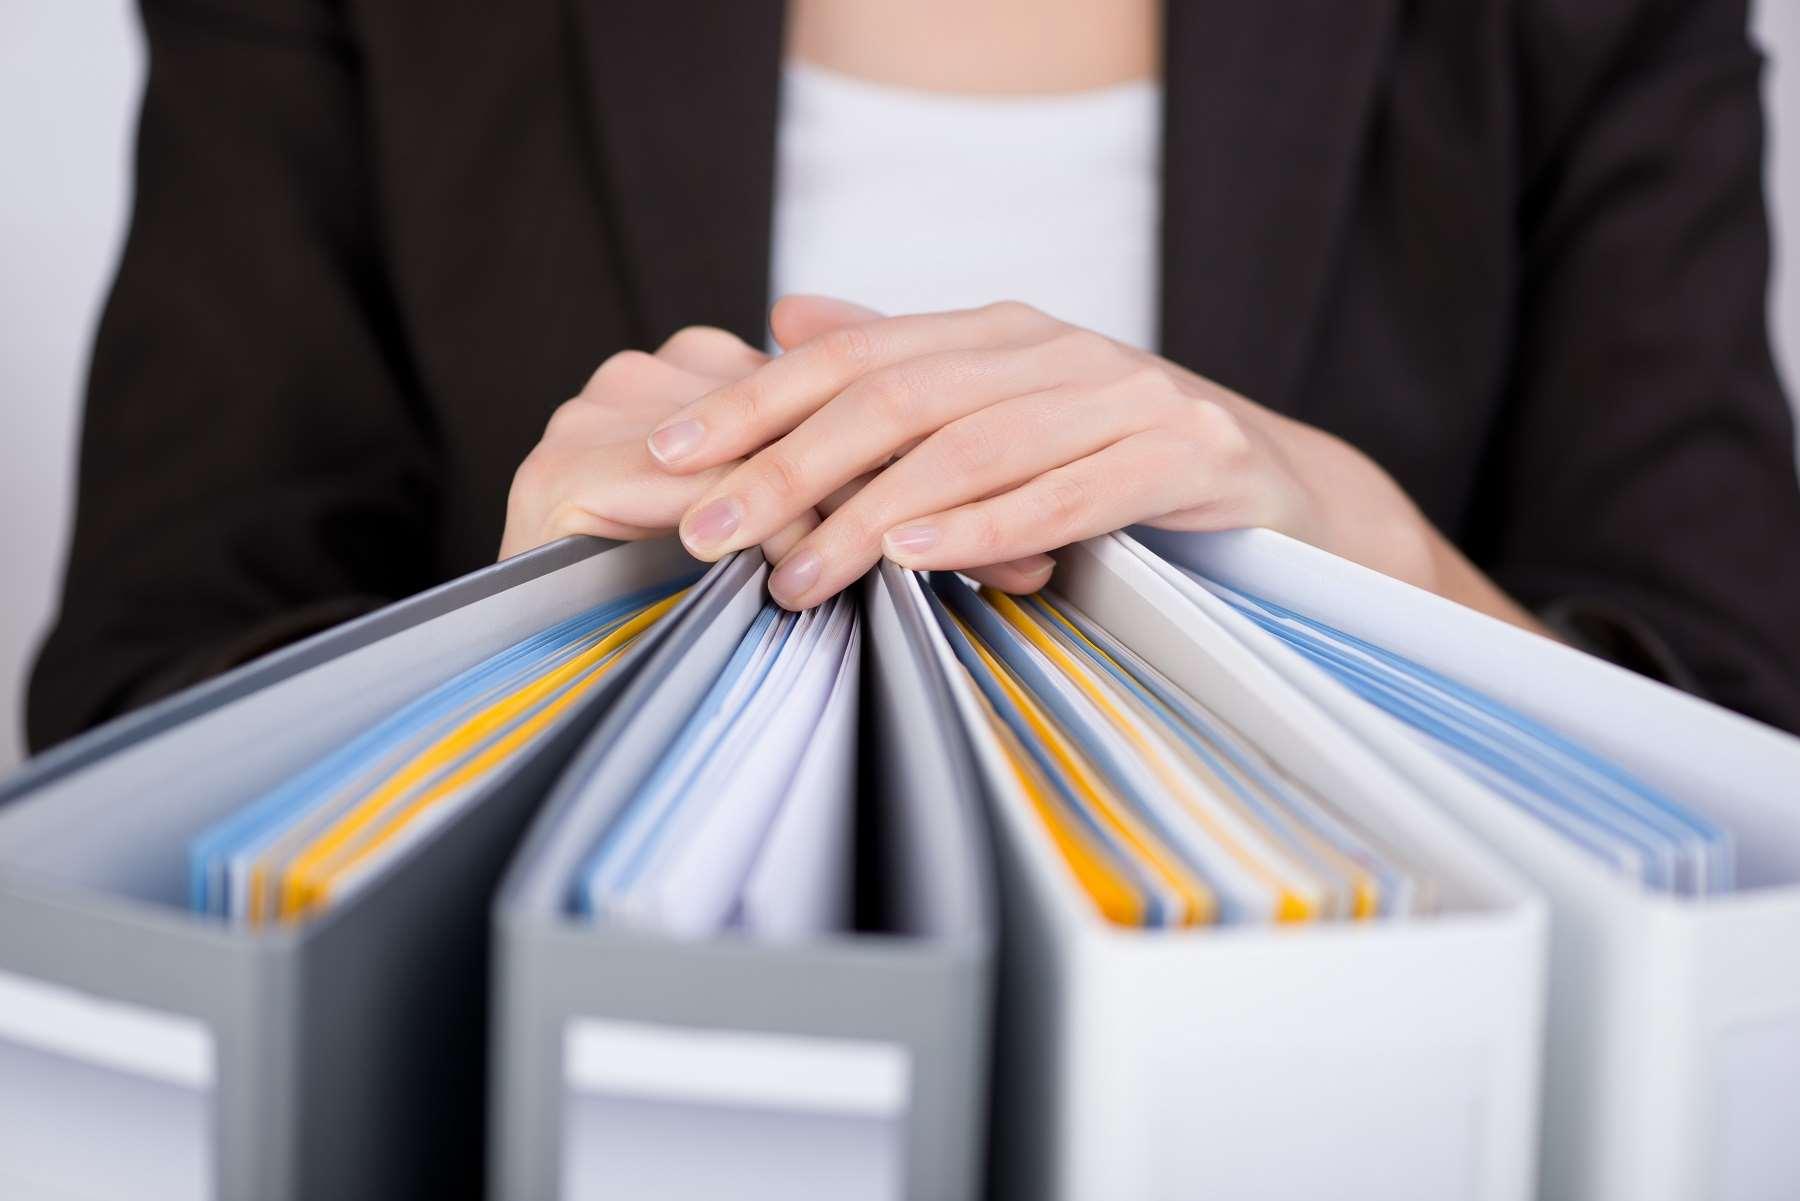 Czym jest pełna księgowość? Kiedy konieczne jest przejście na pełną księgowość?